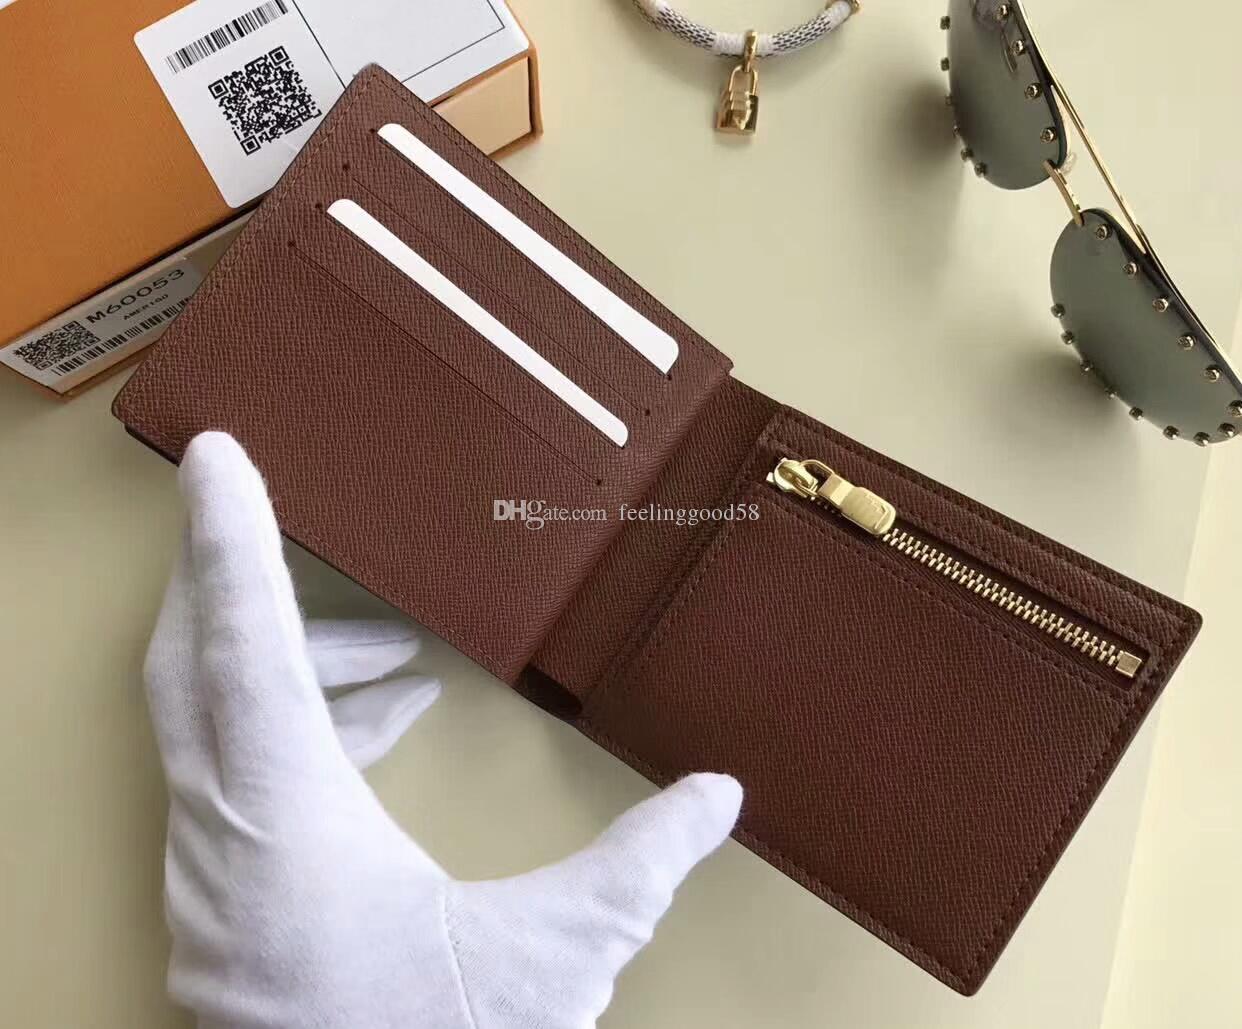 Moda Kadın / erkek Kısa Grafit Çantalar amerigo 286 Kart Kredi sahipleri Ligi Hakiki deri cep cüzdan ile çanta çanta 60895 Satış